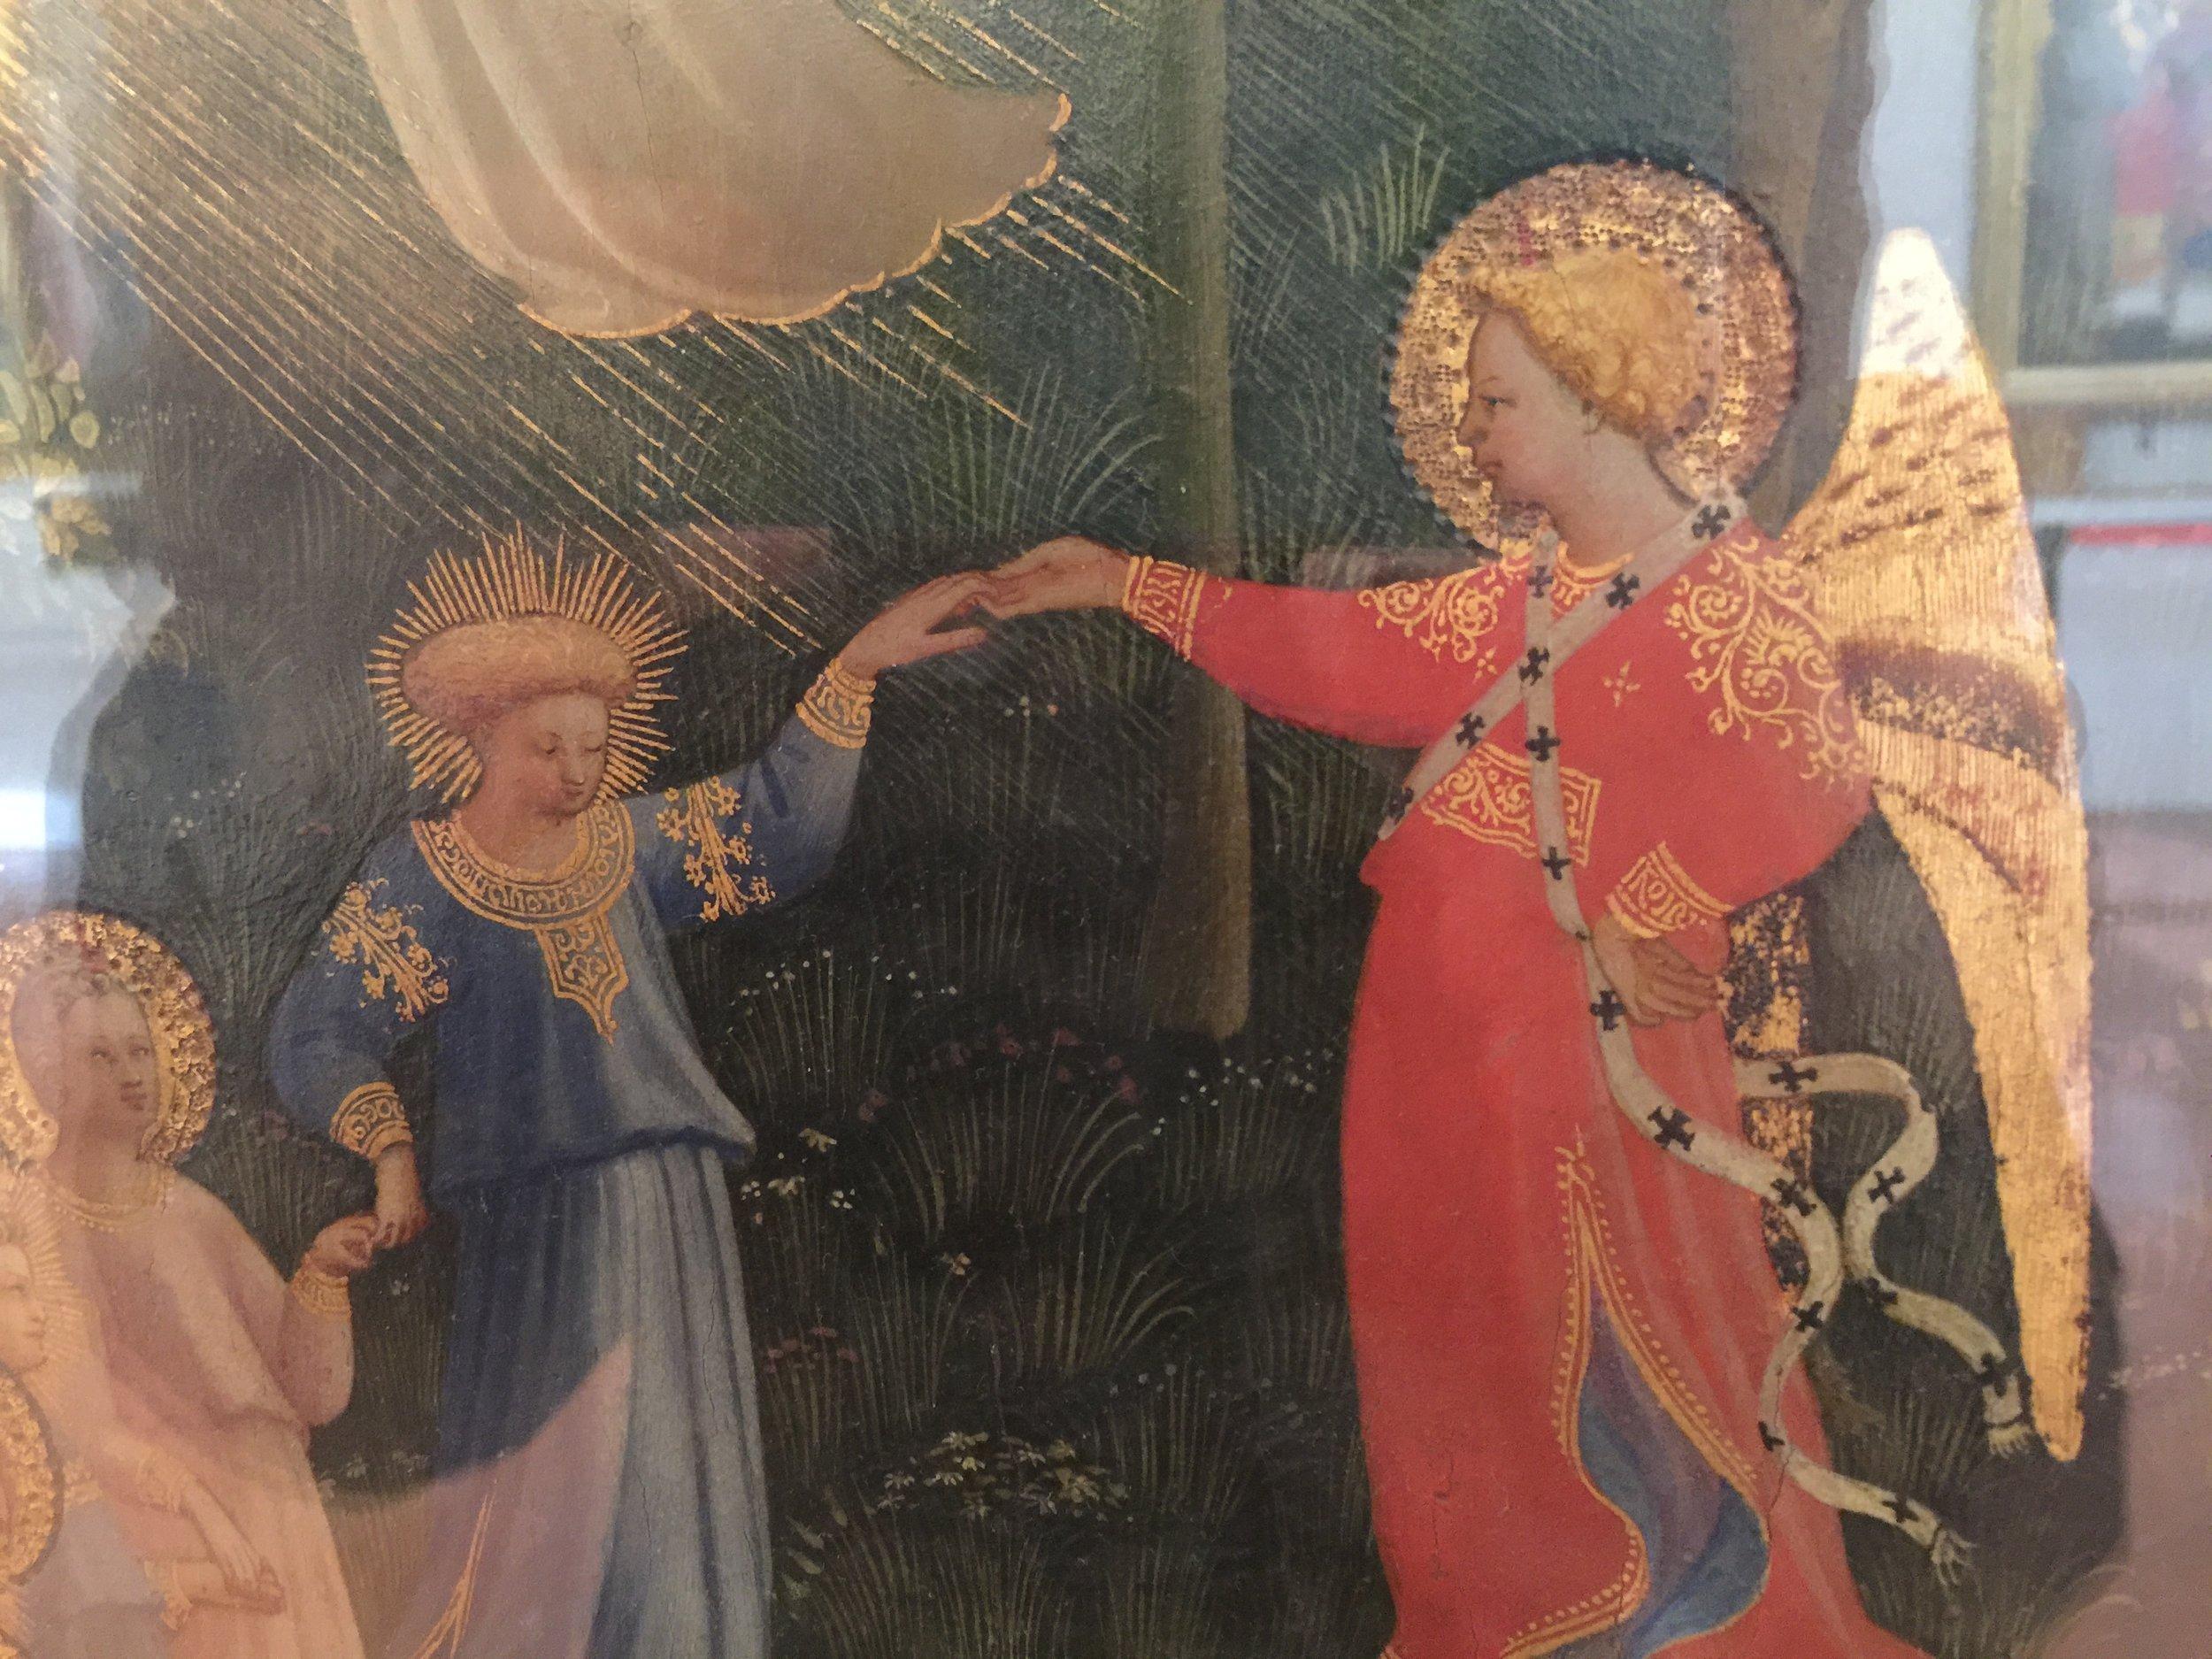 Last Judgement , Beato Angelico (Guido di Piero), third decade of 15th Century, Museo Nazionale di San Marco